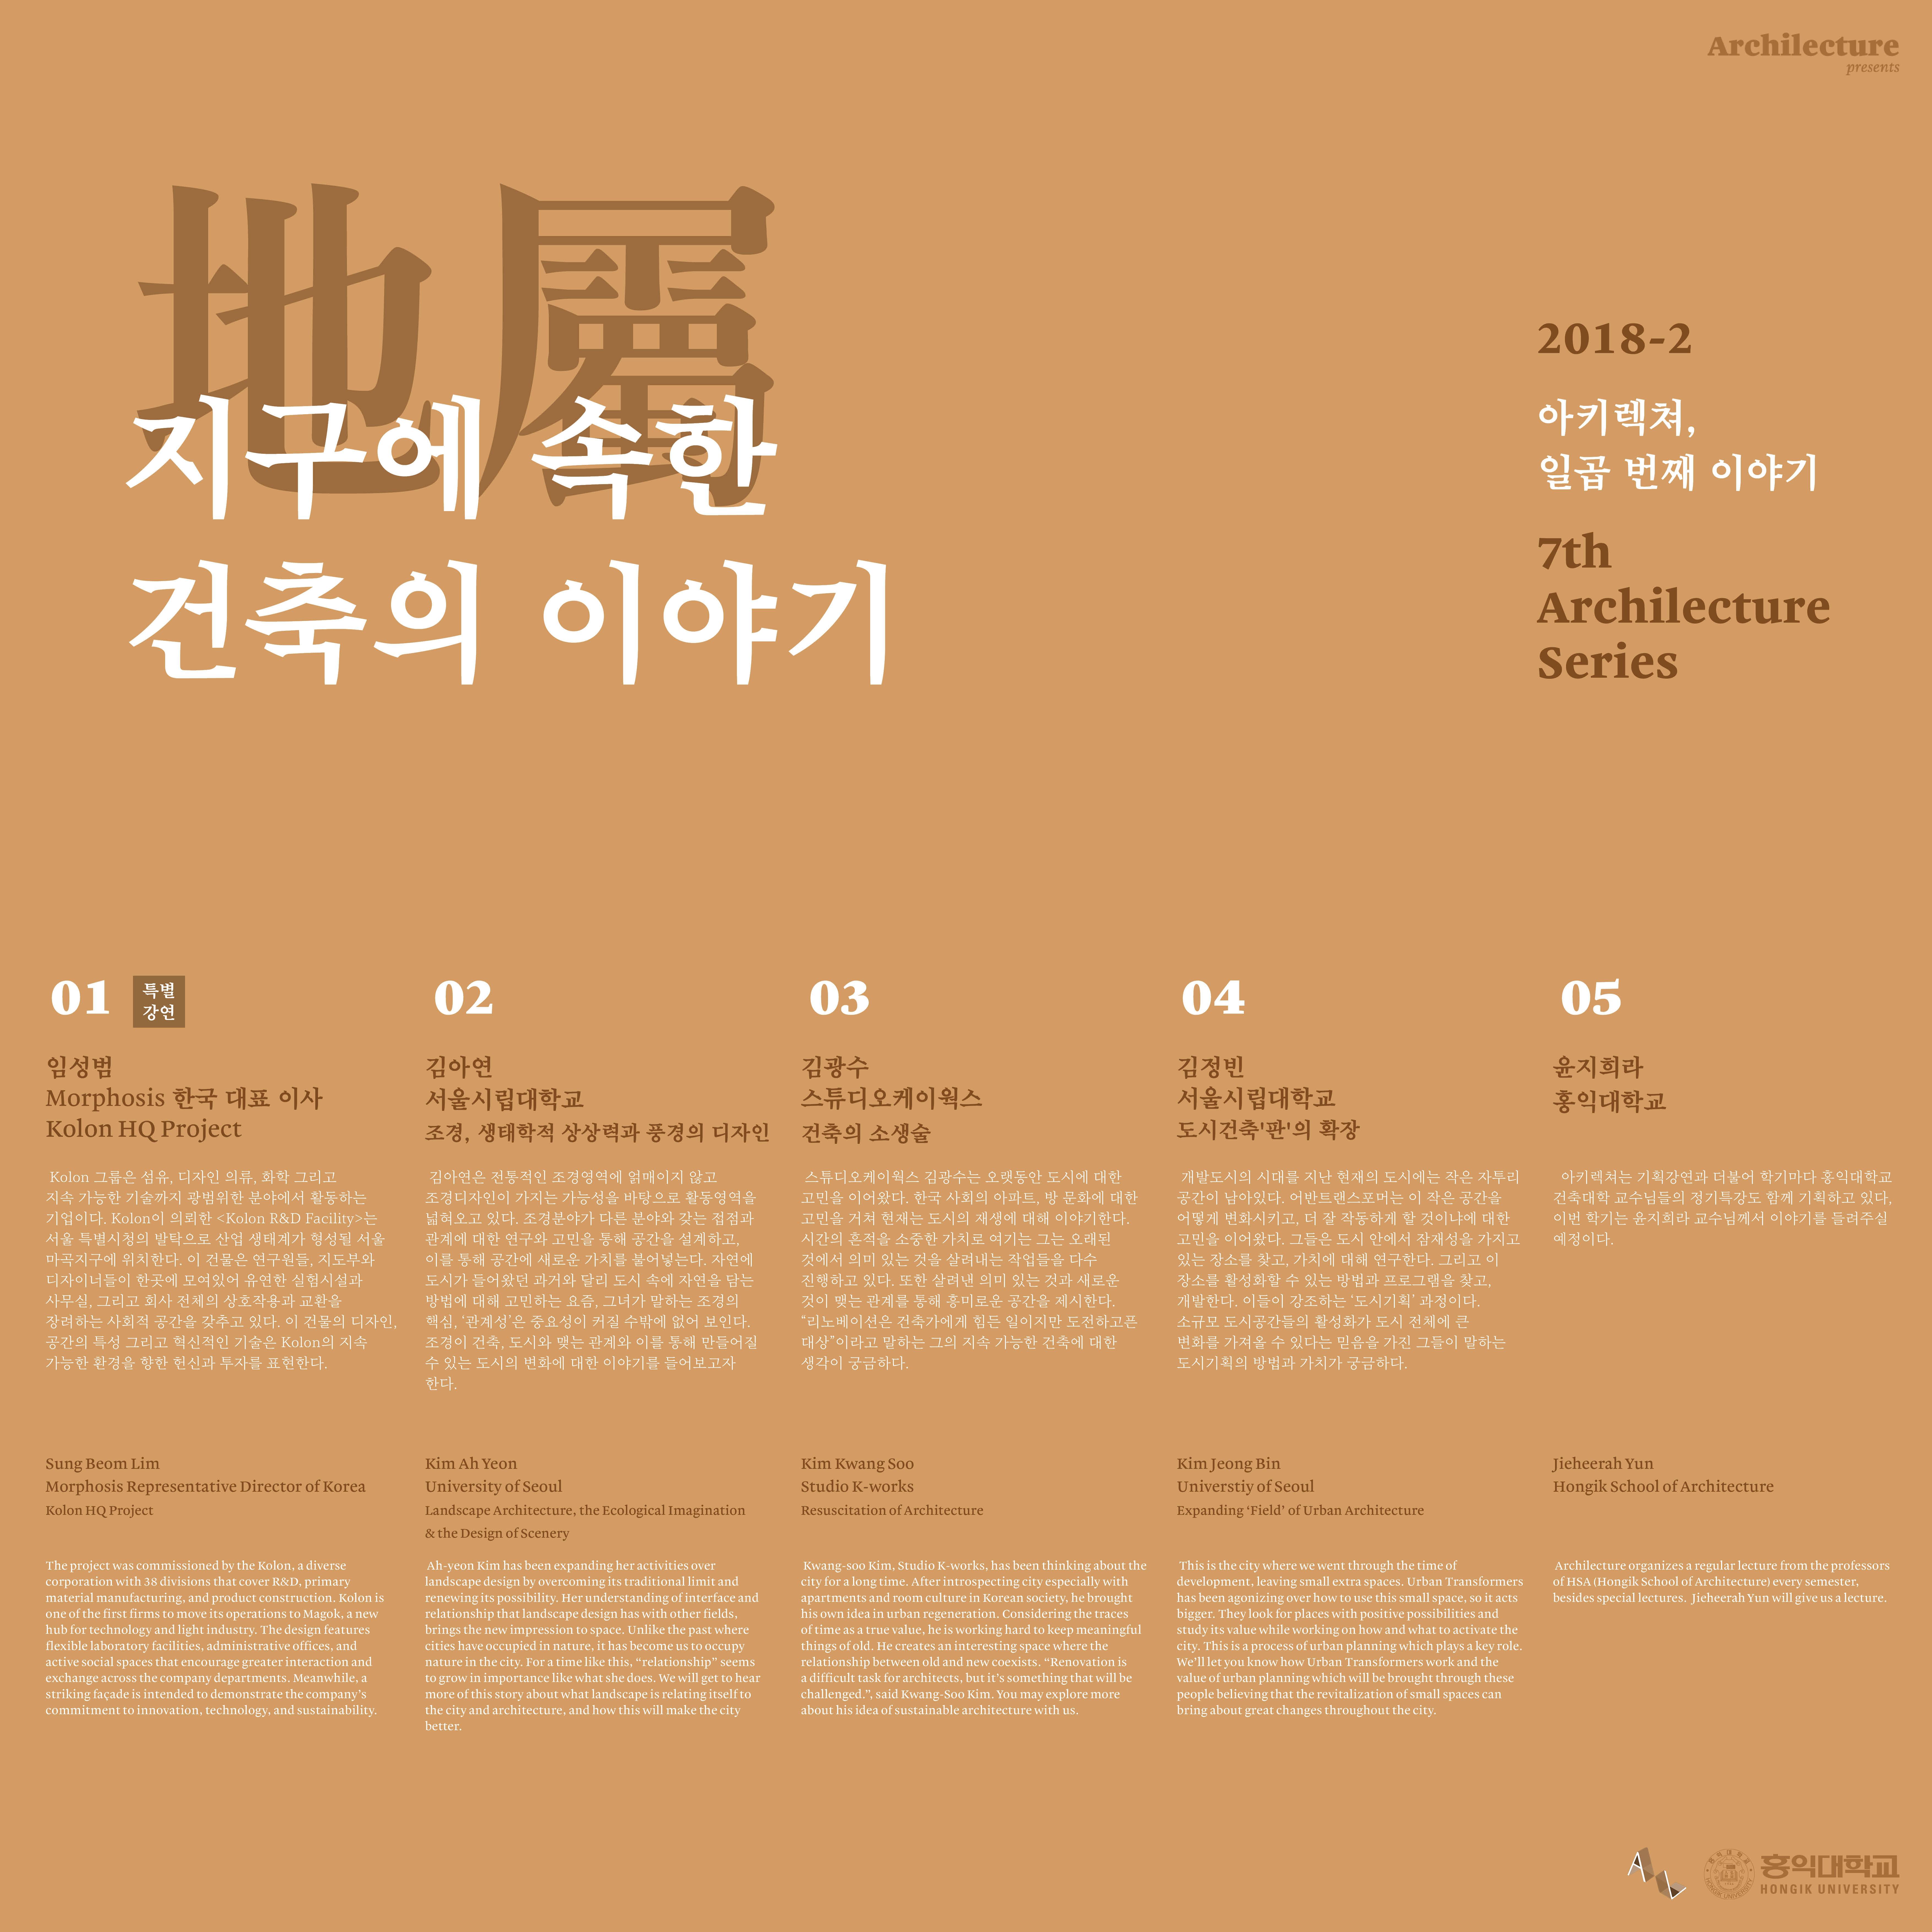 [홍보용]181017_전체포스터_양나임